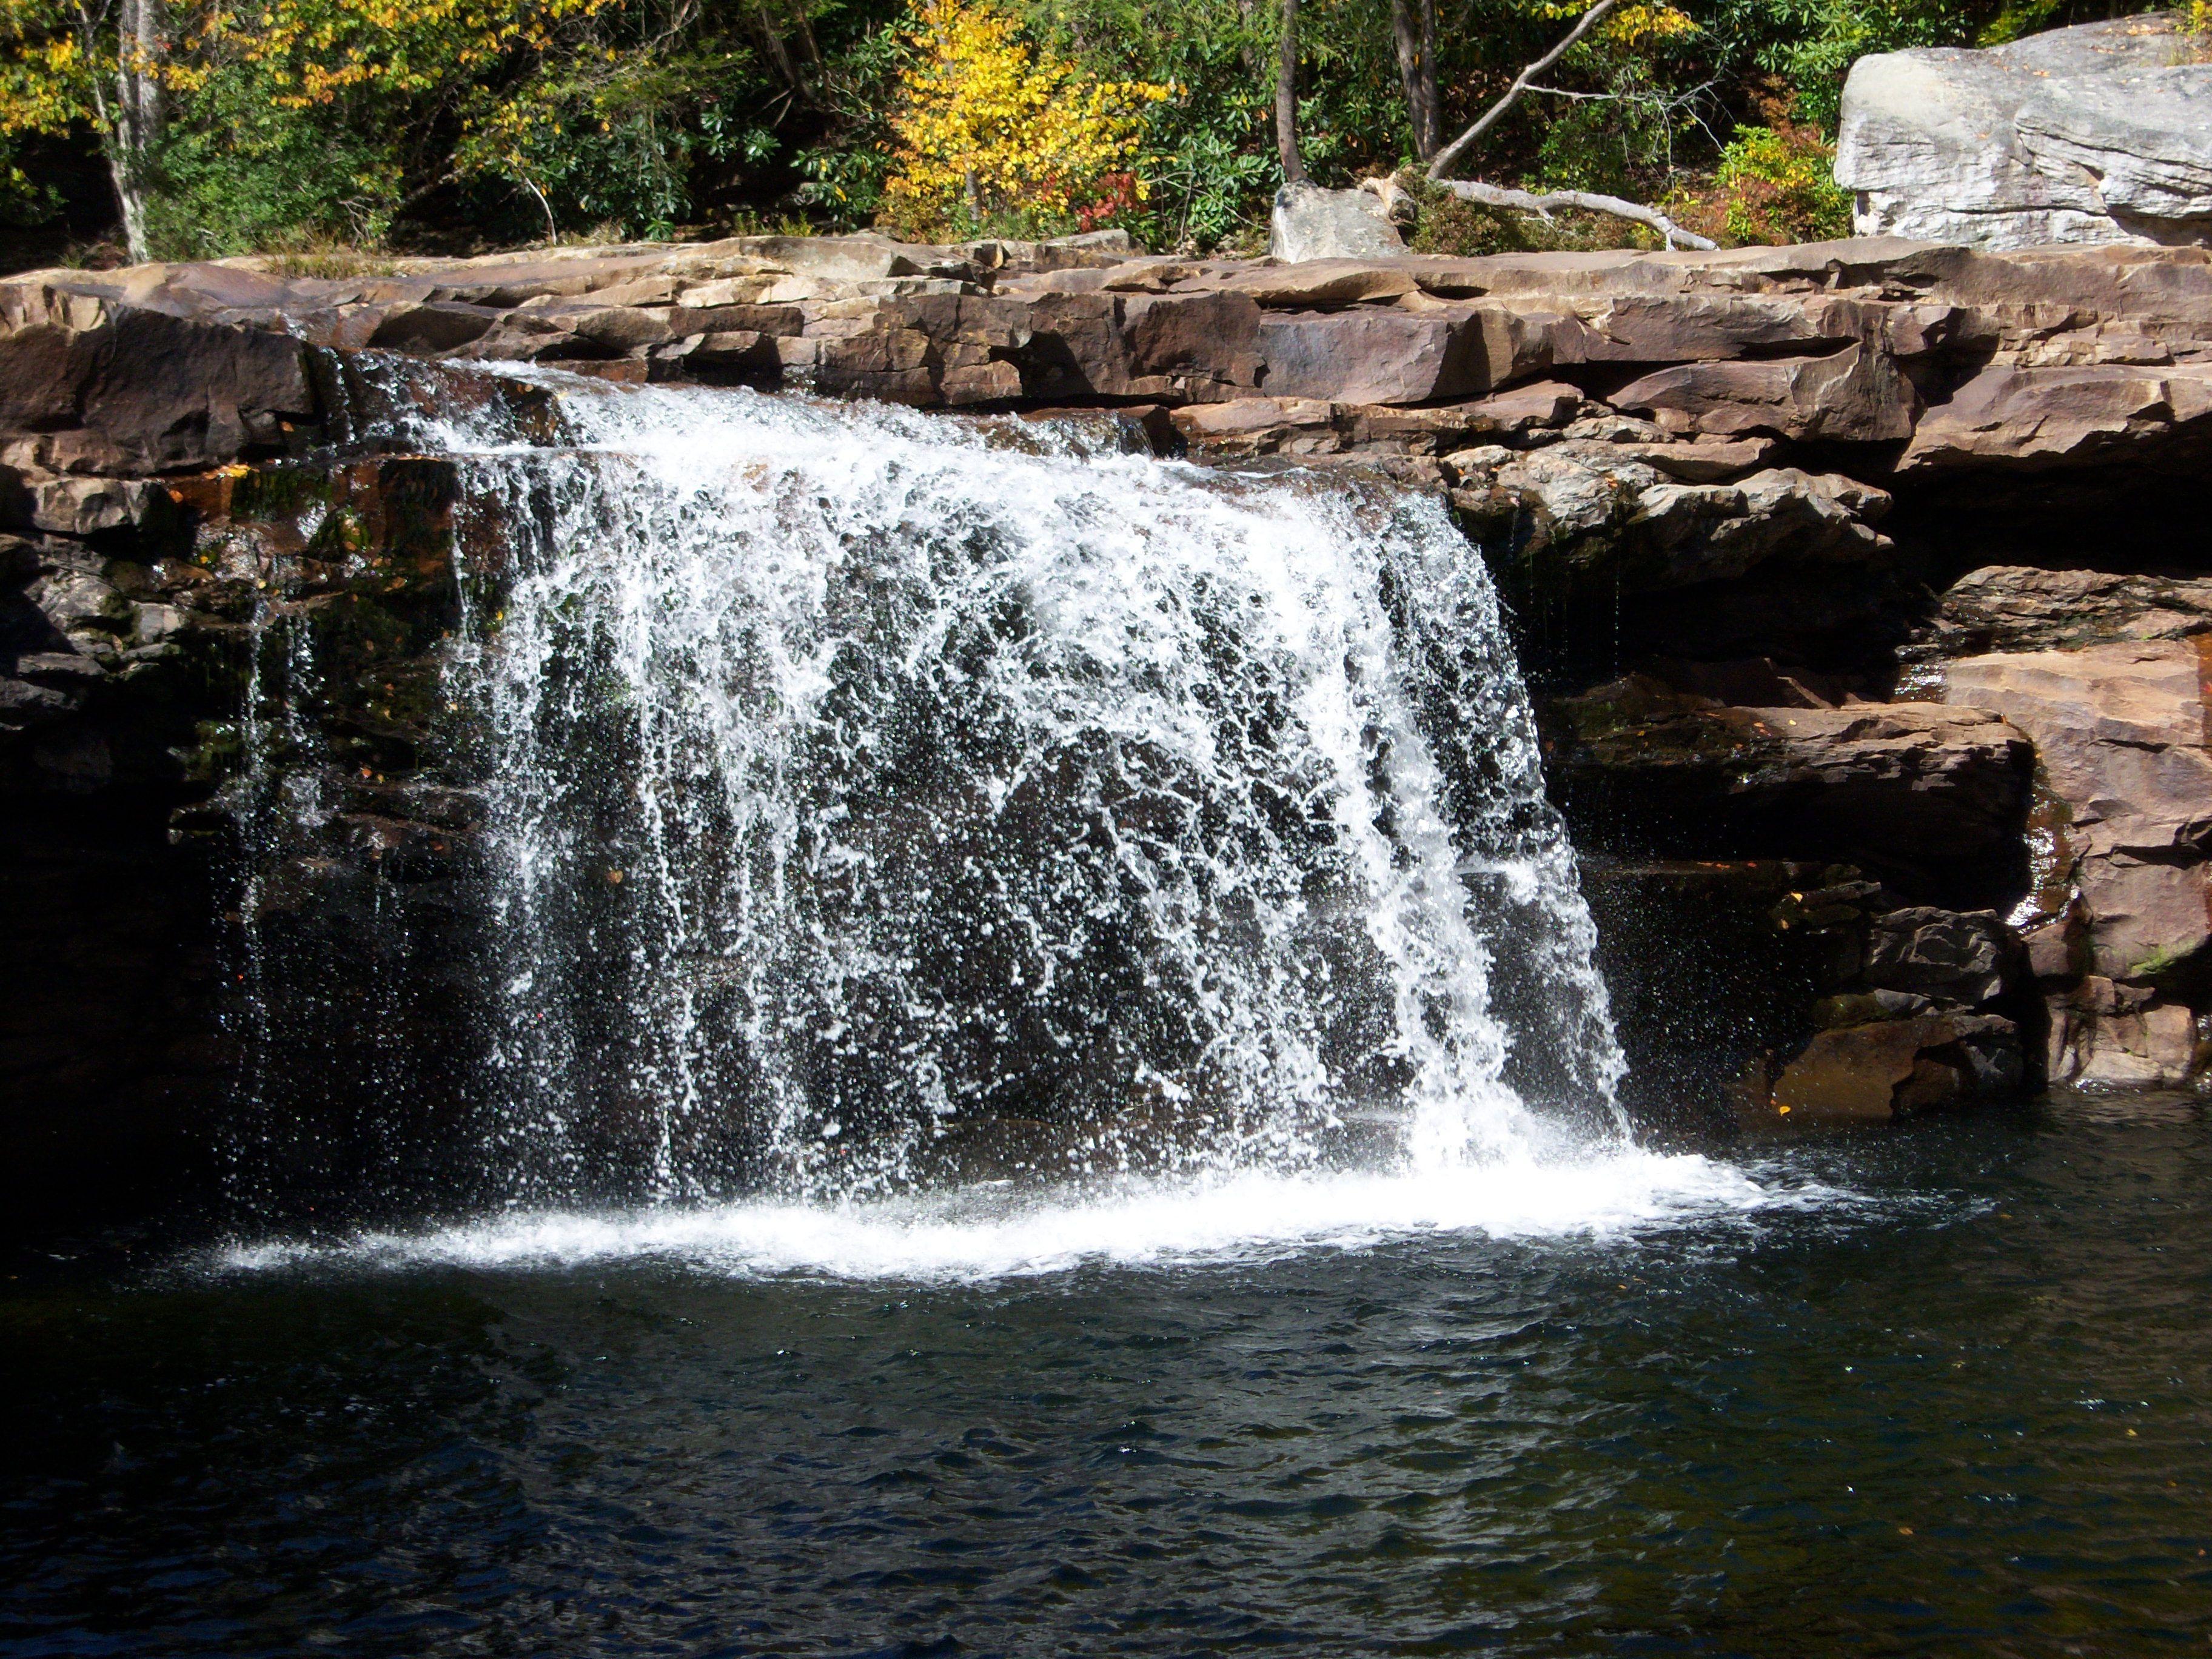 Altas caídas del tramposo River, West Virginia